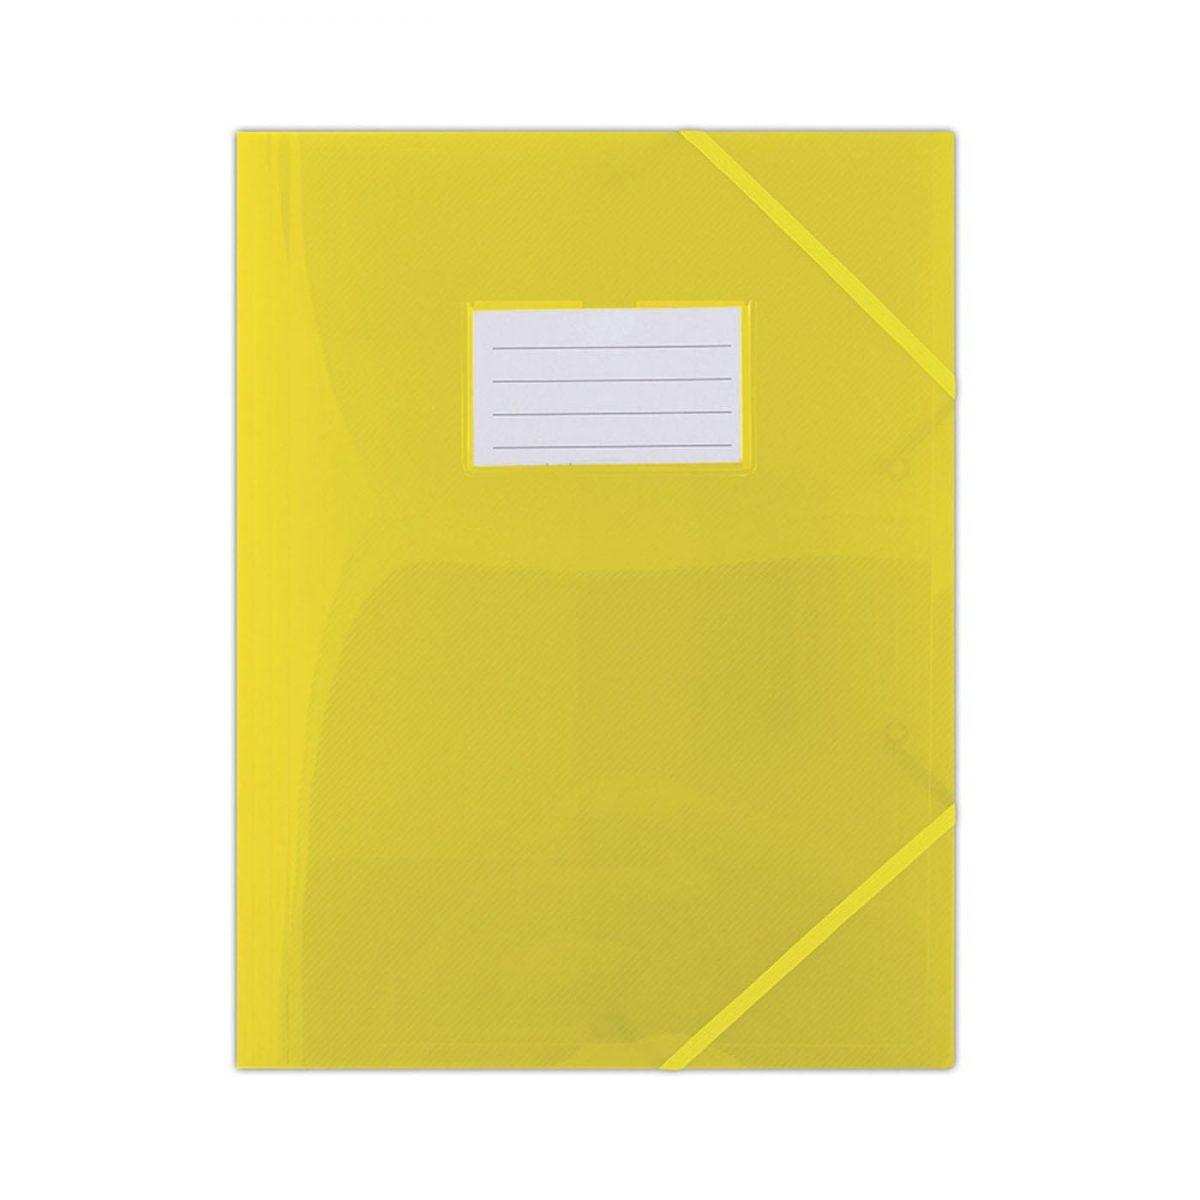 Mapa plastic cu elastic pe colturi, cu eticheta, 480 microni, DONAU - galben transparent